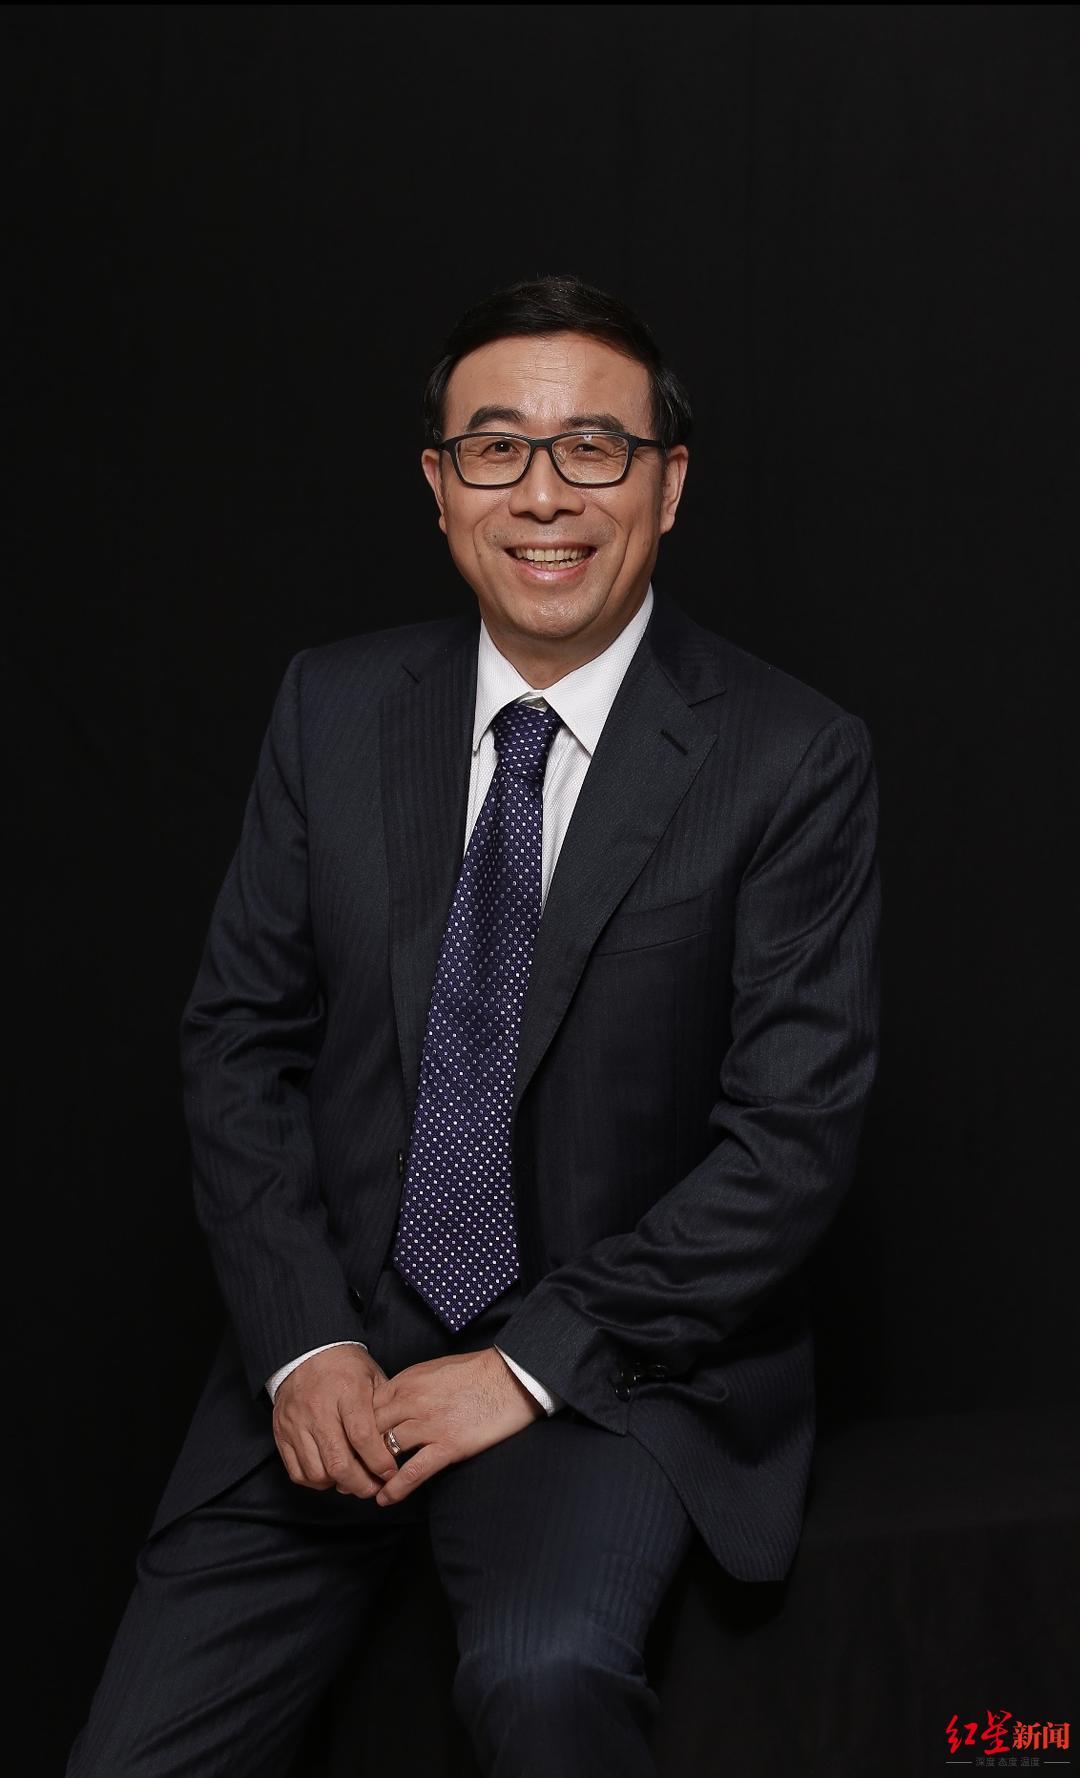 ▲彭凯平教授 受访者供图